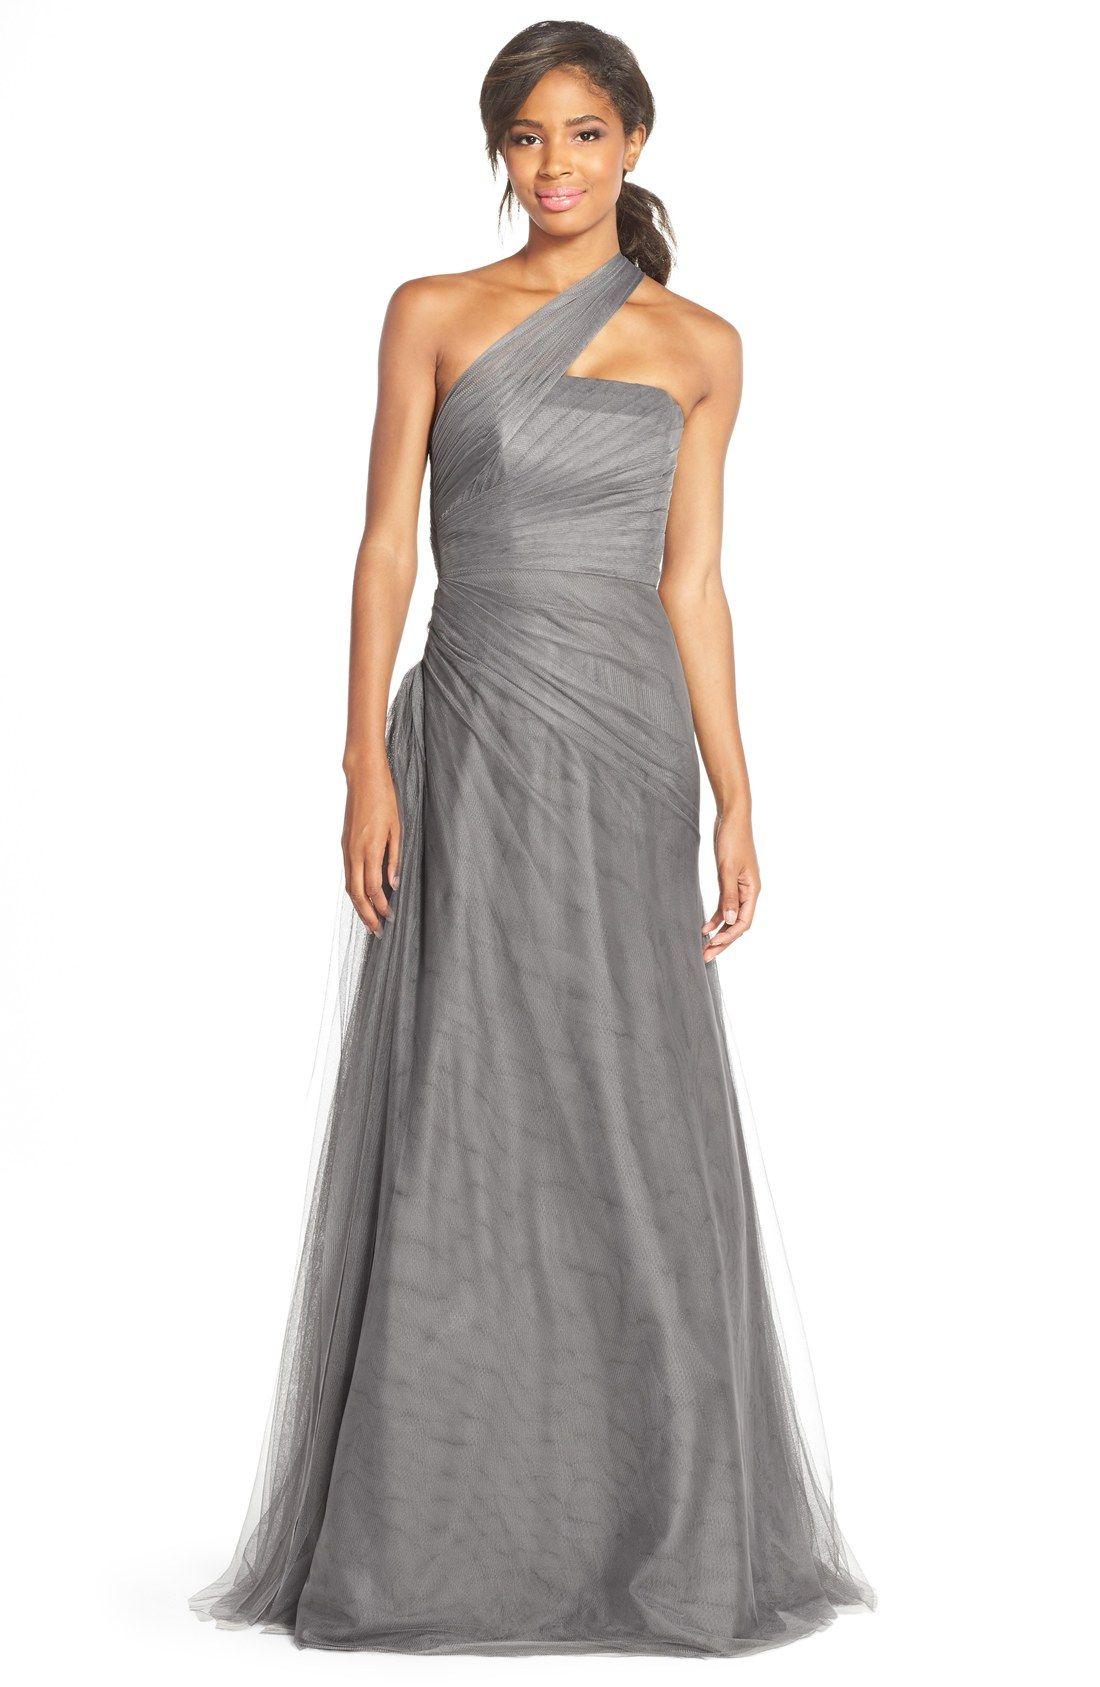 302ad30afe9  420 - Monique Lhuillier Bridesmaids One-Shoulder Drape Tulle Gown ...